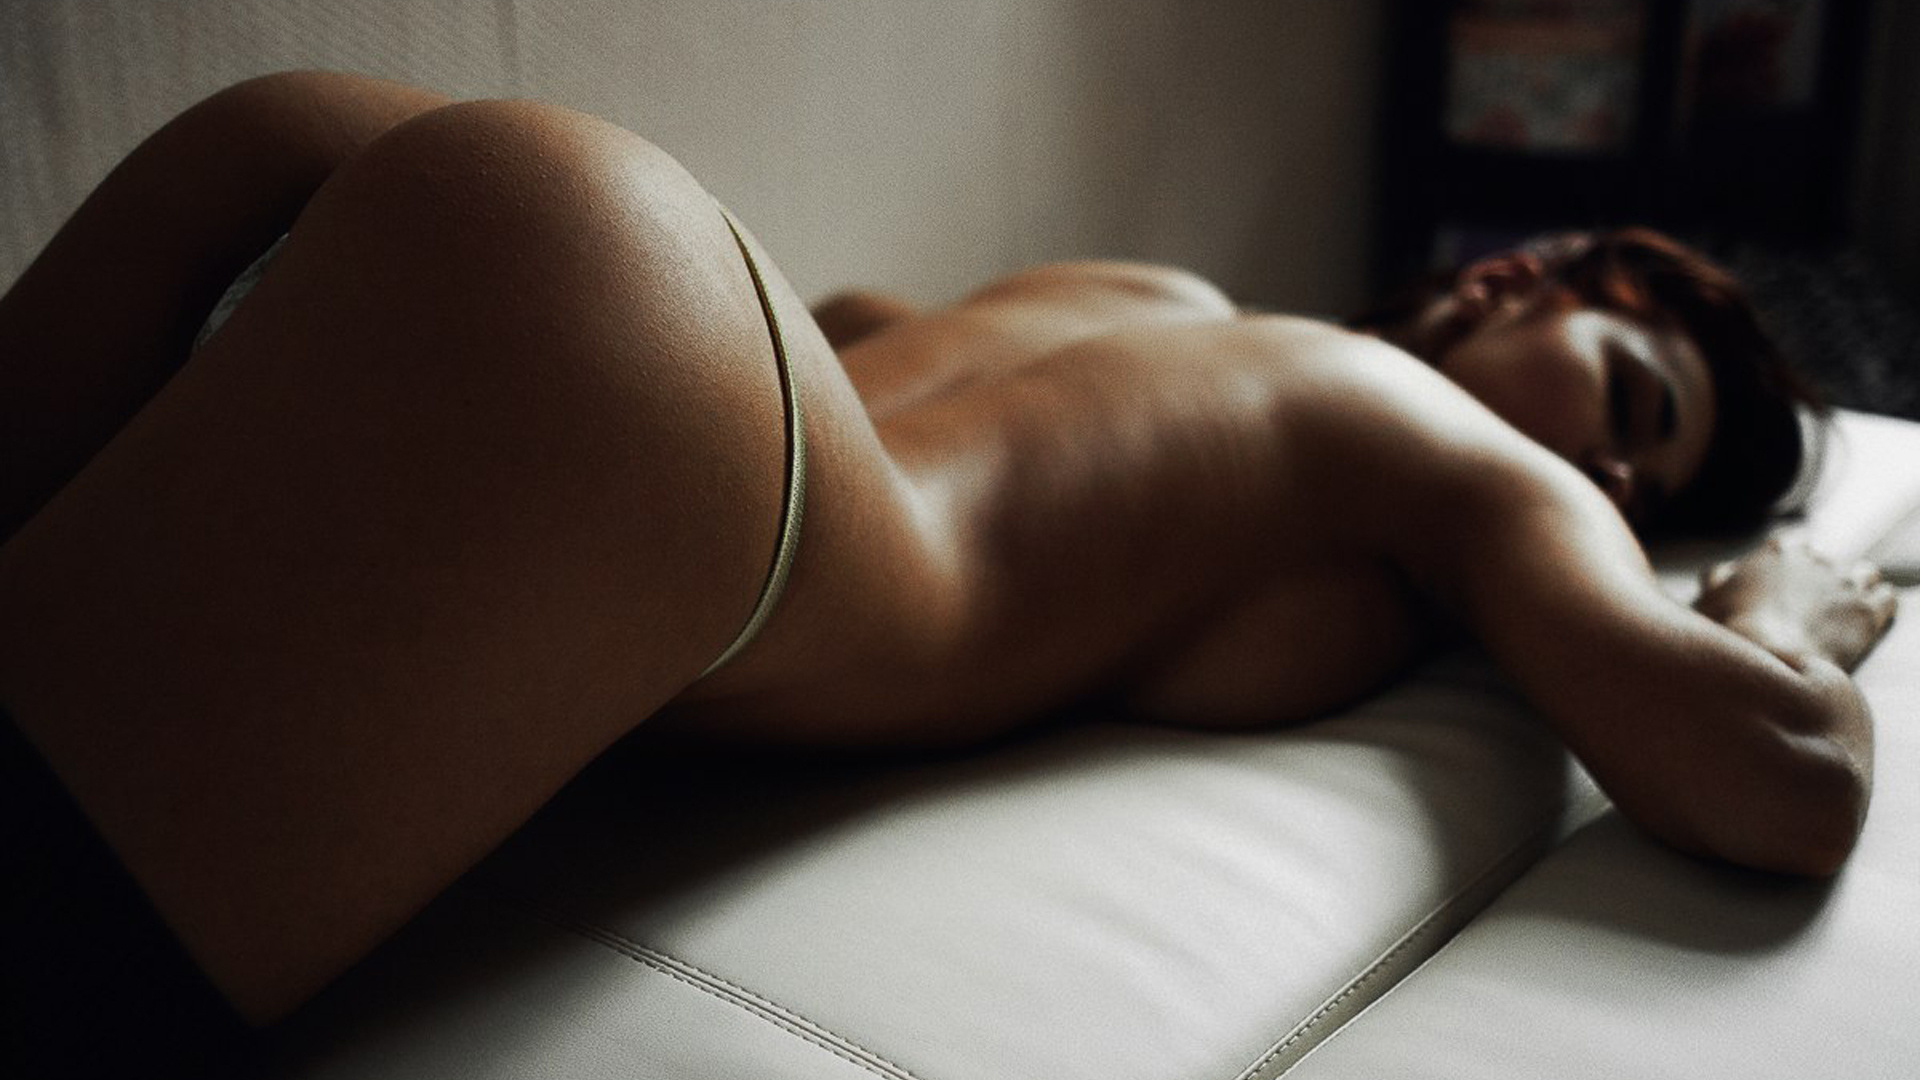 Фото обнаженных девушек брюнеток со спины, Фото девушек спиной на аву: брюнетки Красивые фото 26 фотография